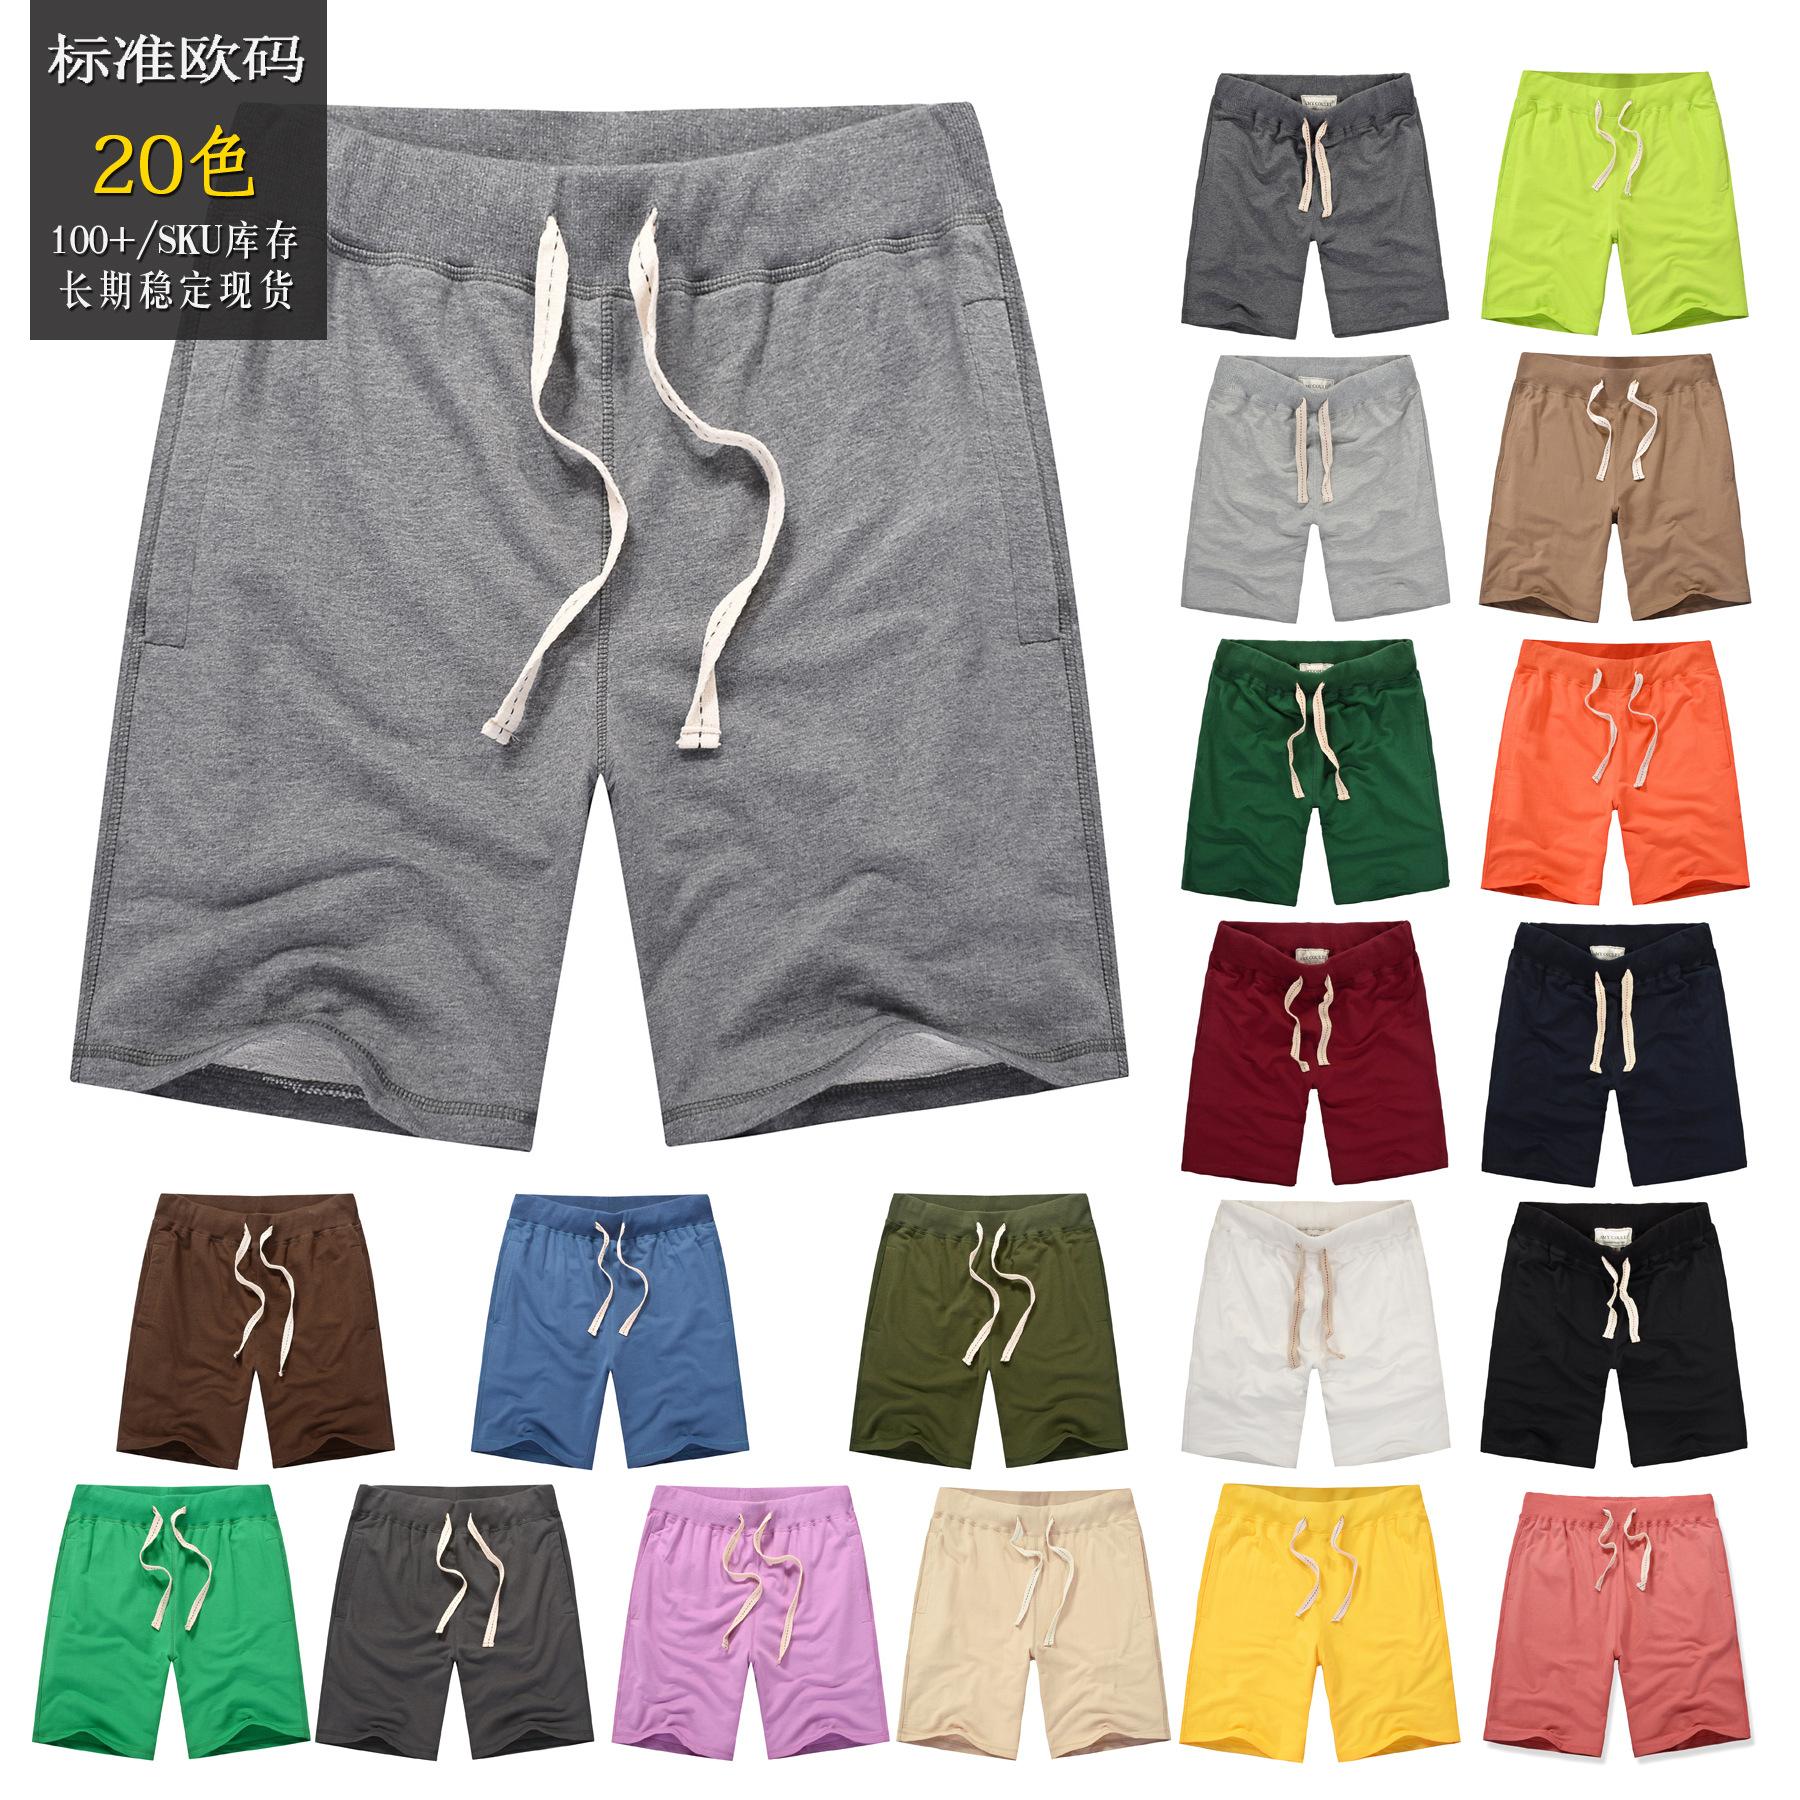 全棉男士短裤夏季休闲五分裤中裤沙滩裤大码抽绳运动裤男士大裤衩